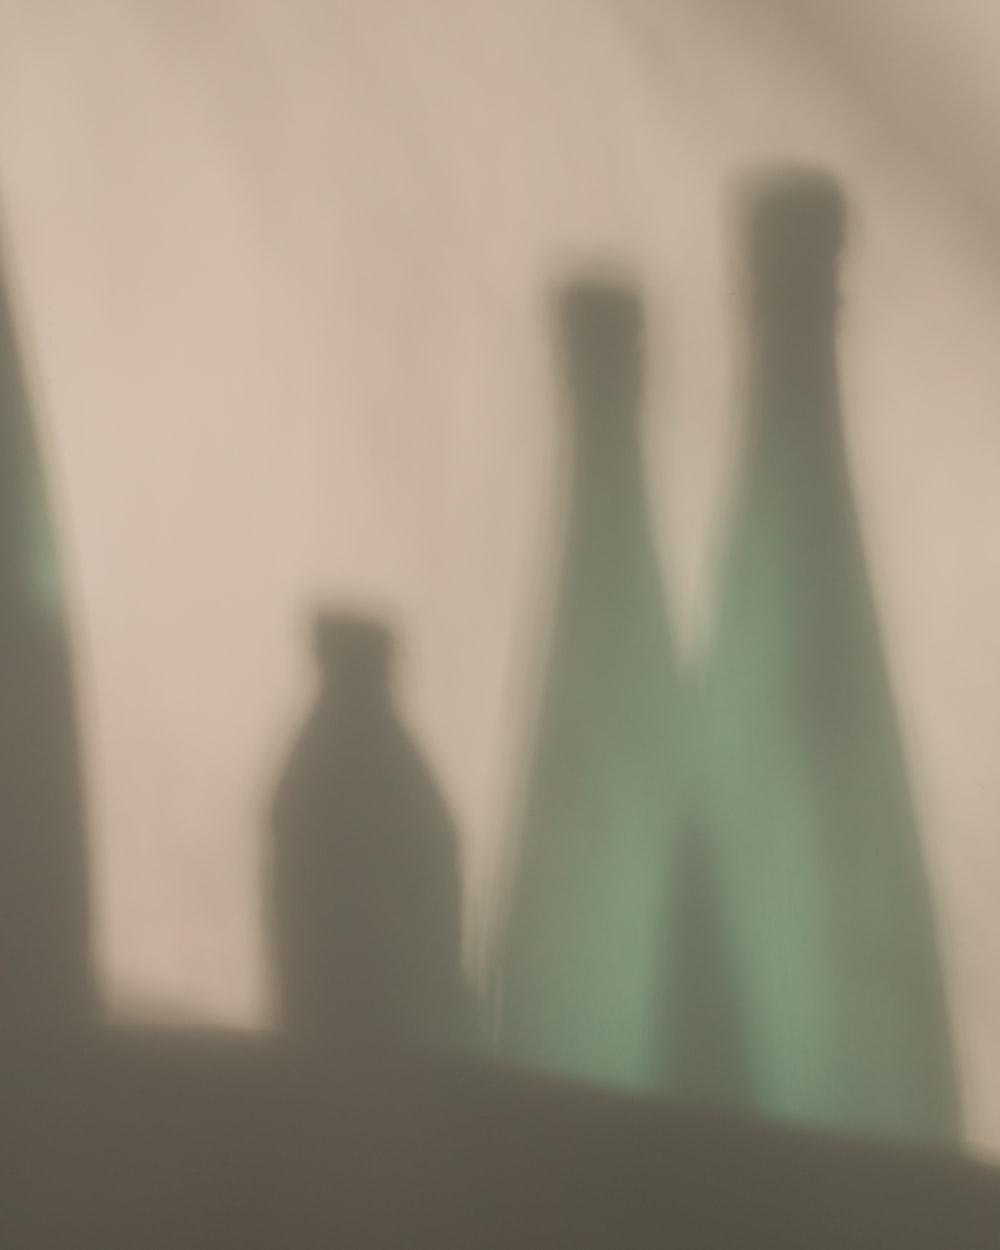 green glass bottle on white table